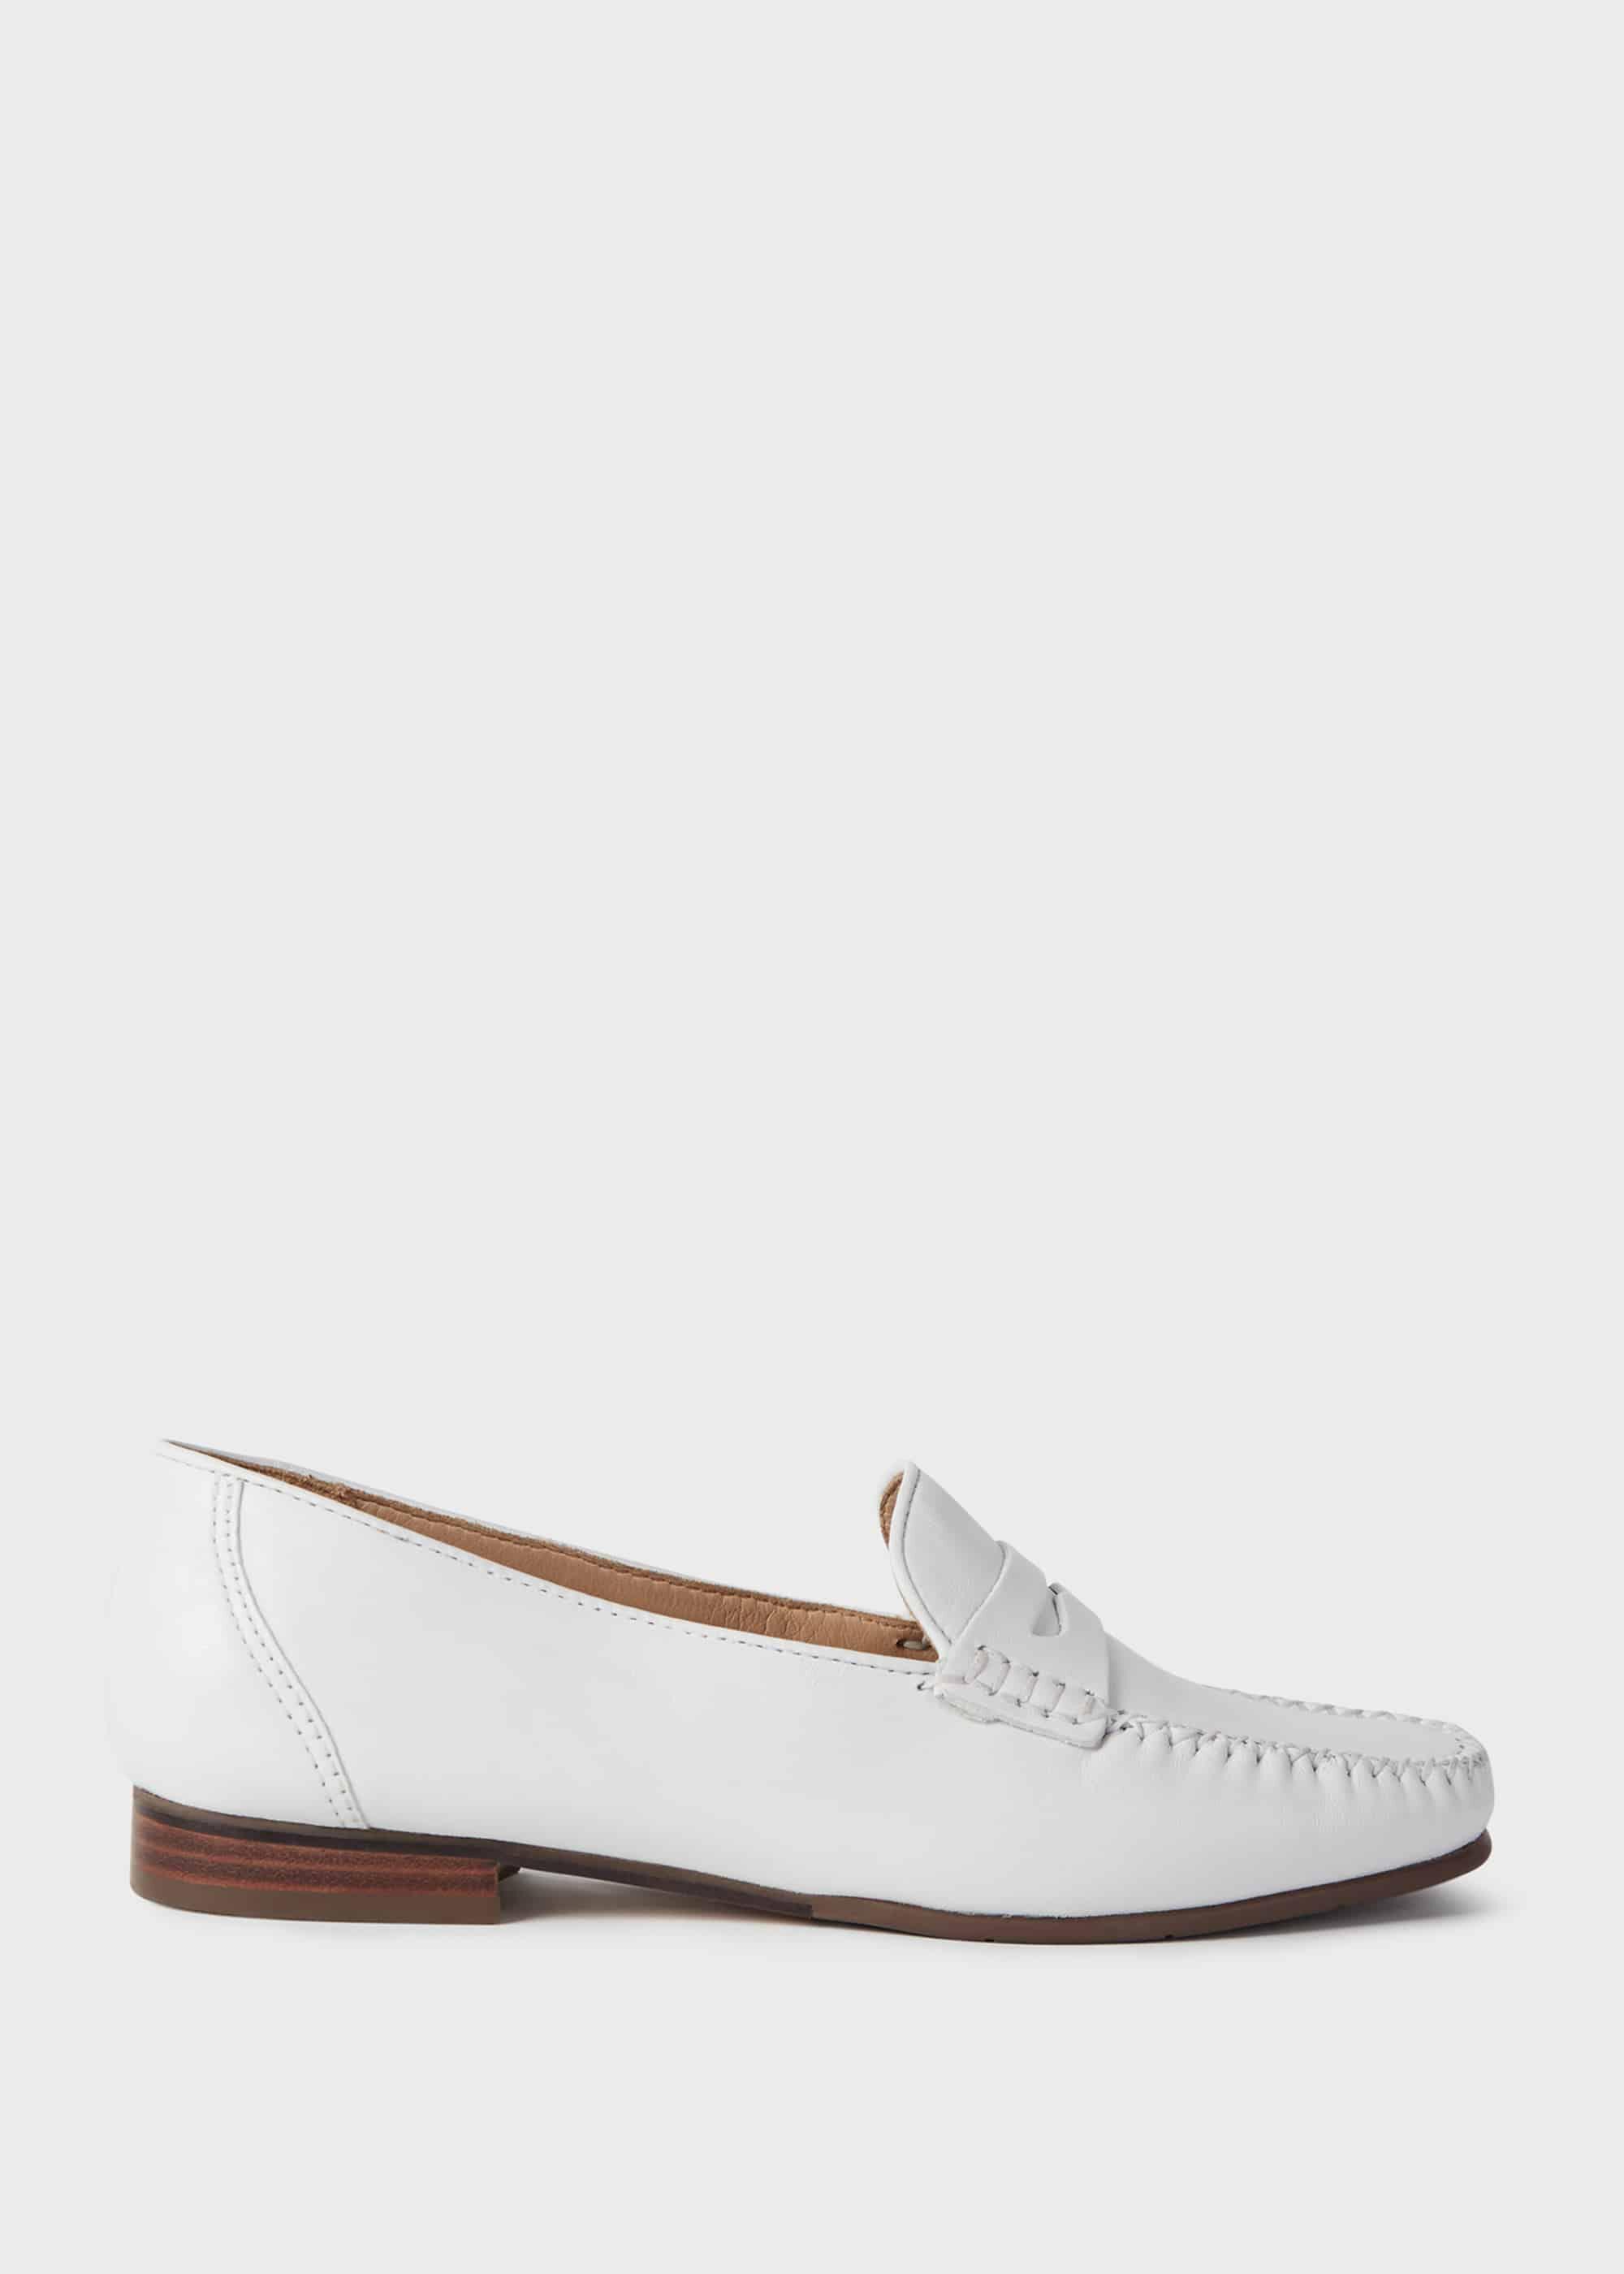 Sale Shoes \u0026 Boots   Women's Courts